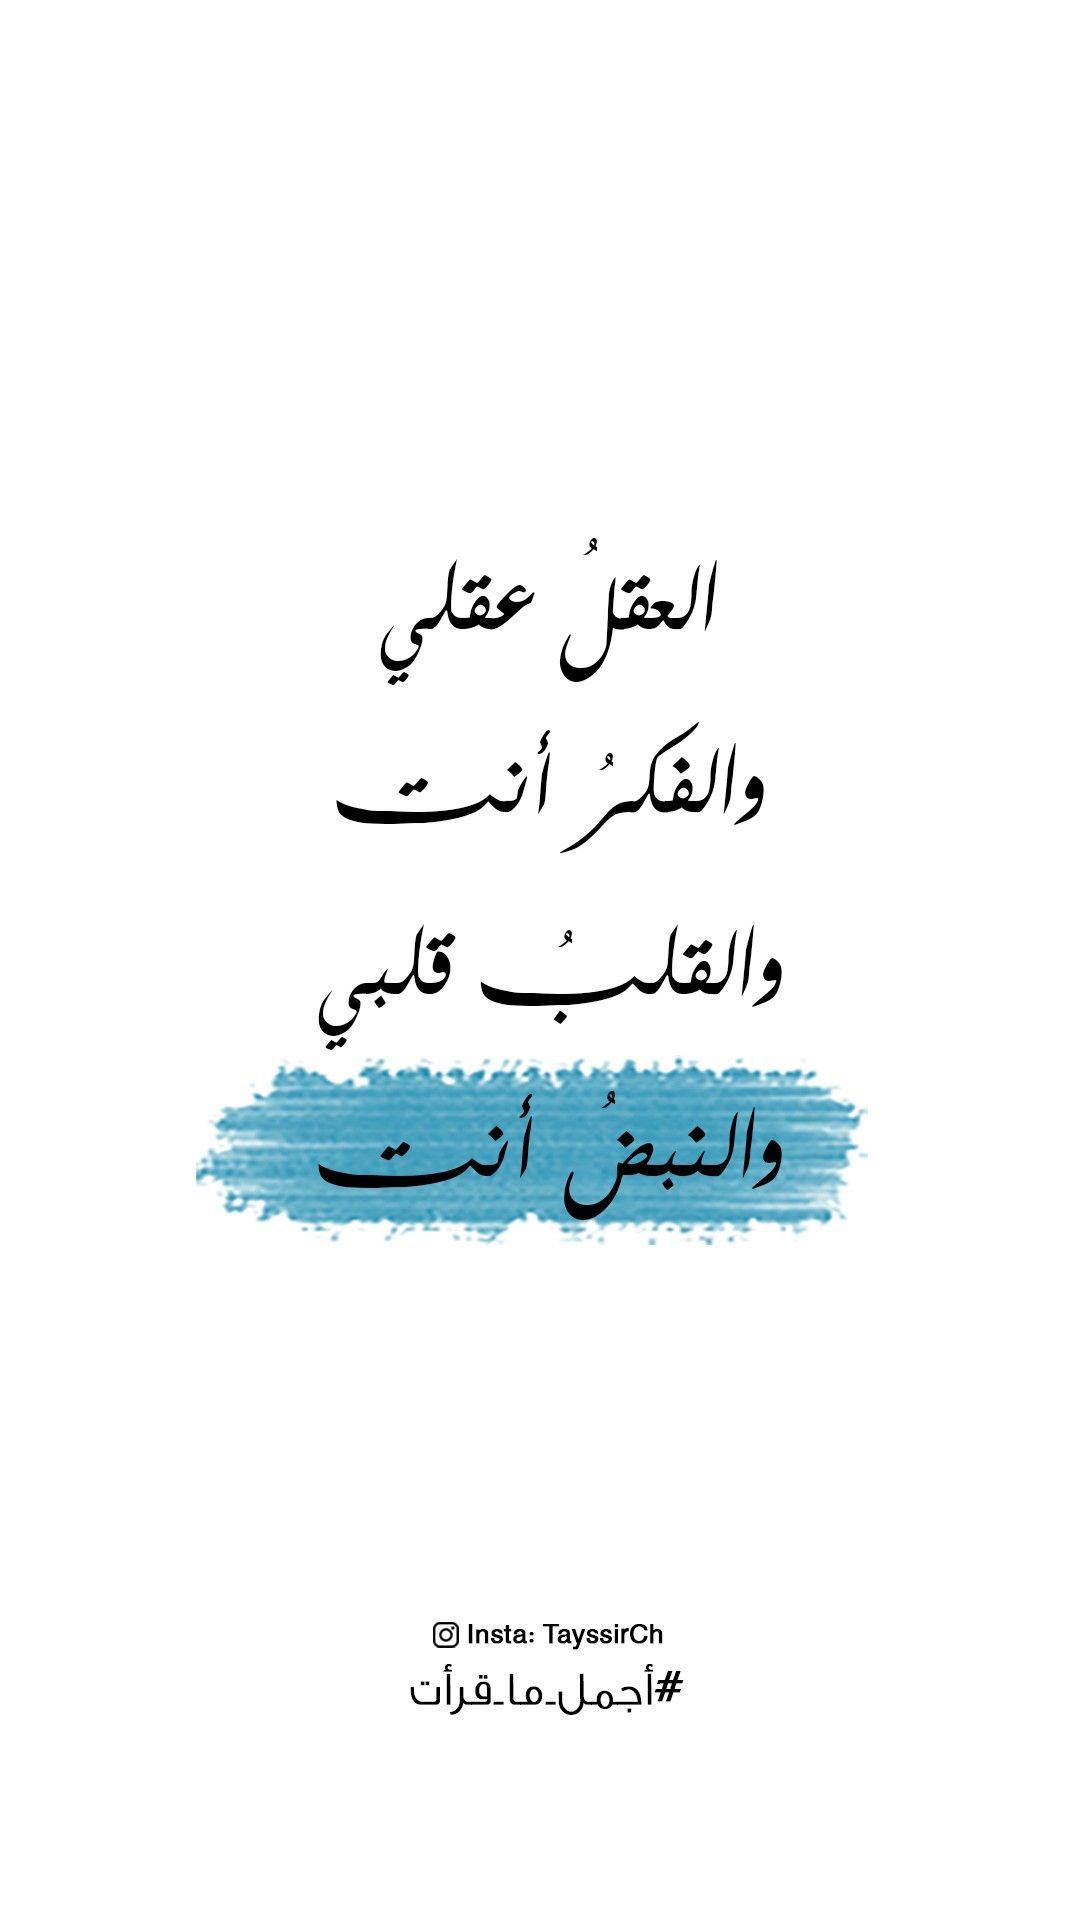 القلب قلبي والنبض أنت Romantic Words Spirit Quotes Love Husband Quotes